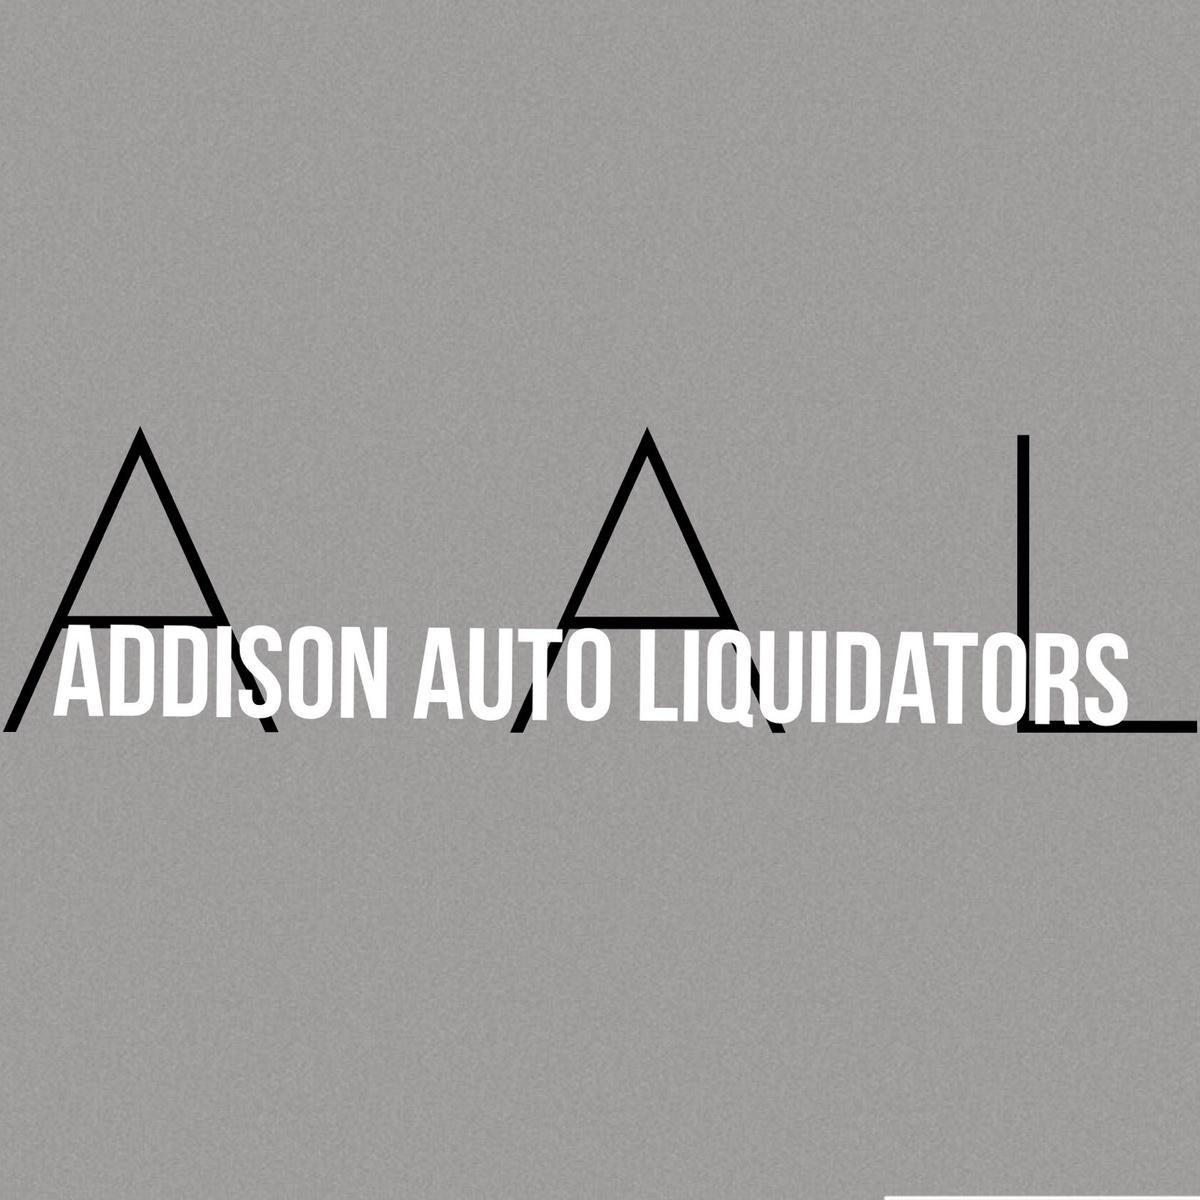 Auto Liquidators Dallas >> Addison Auto Liquidators Addison Tx Read Consumer